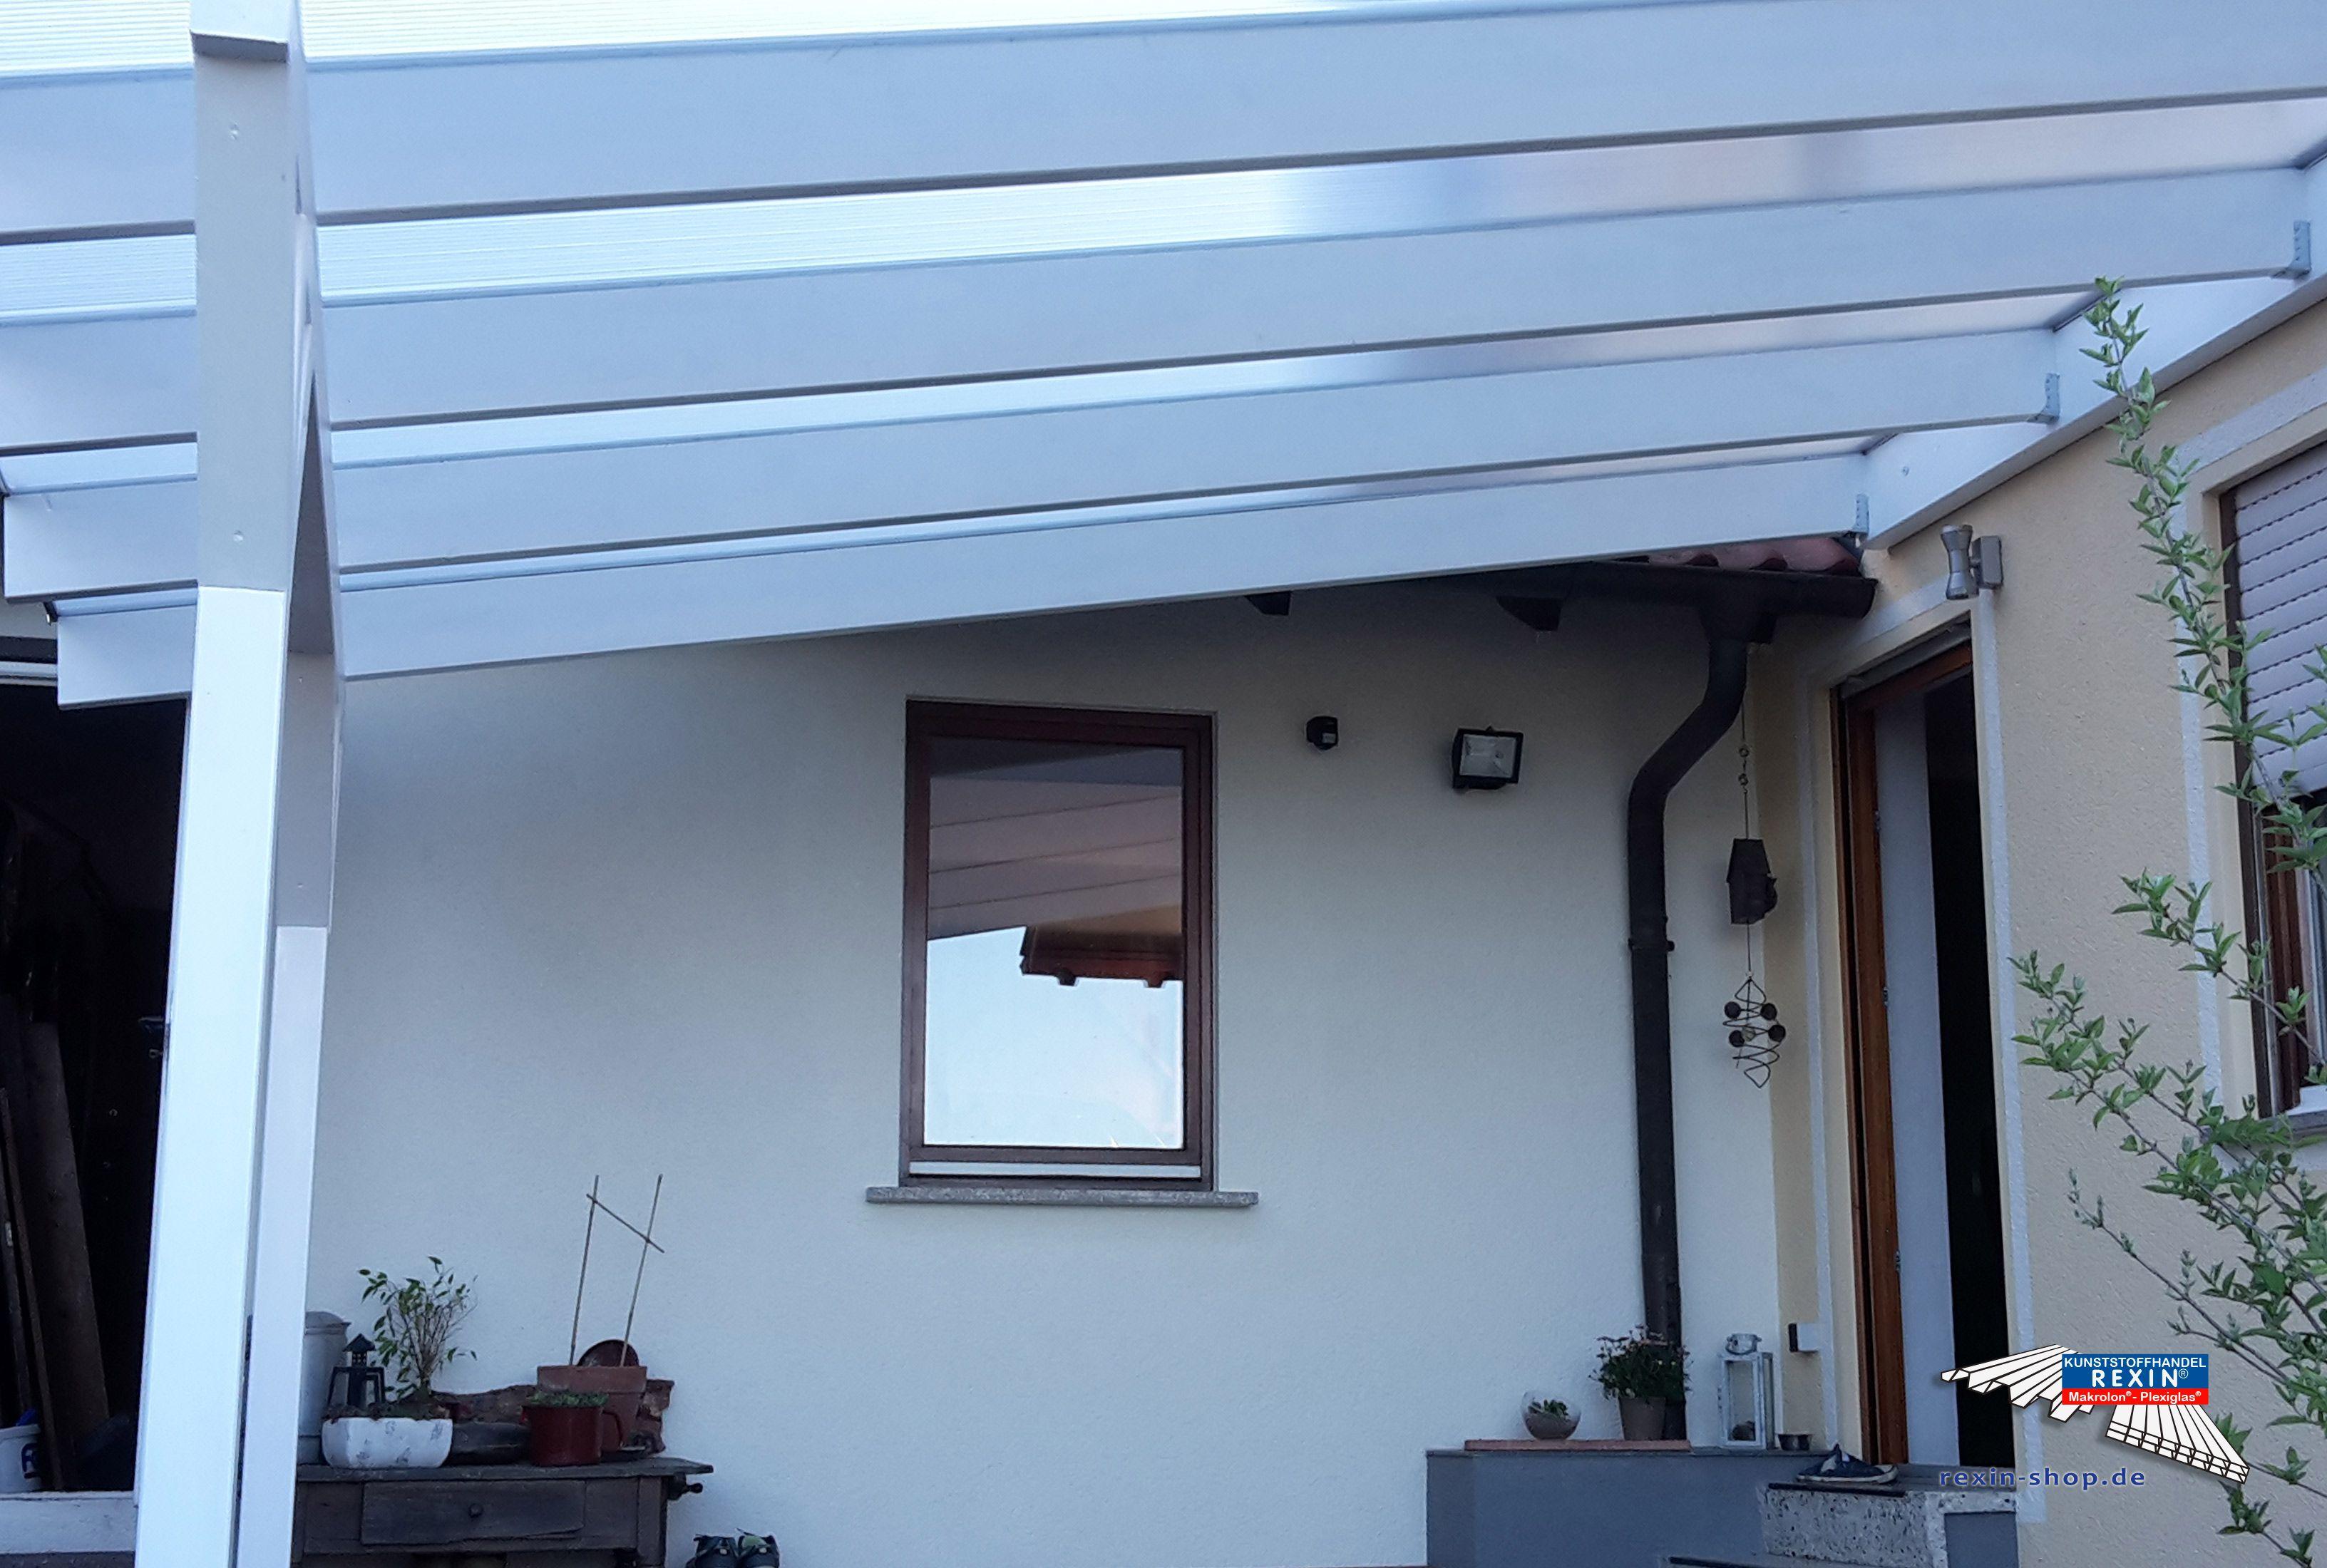 Ein HolzTerrassendach der Marke XXL 4m x 4